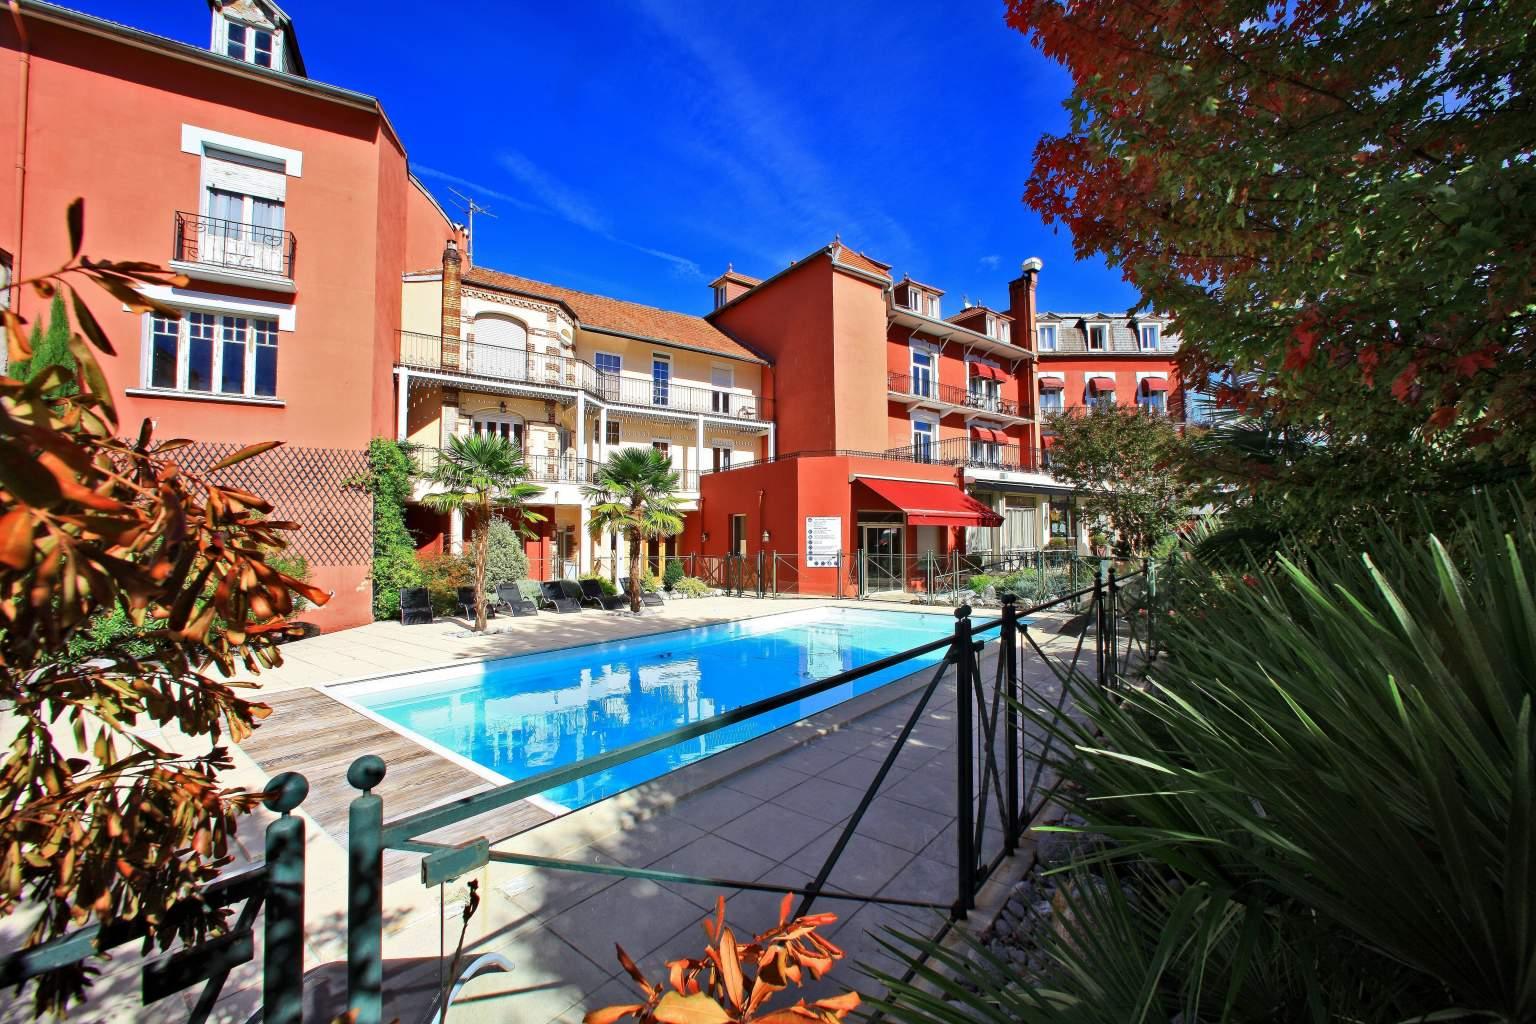 Hôtel avec piscine Lourdes